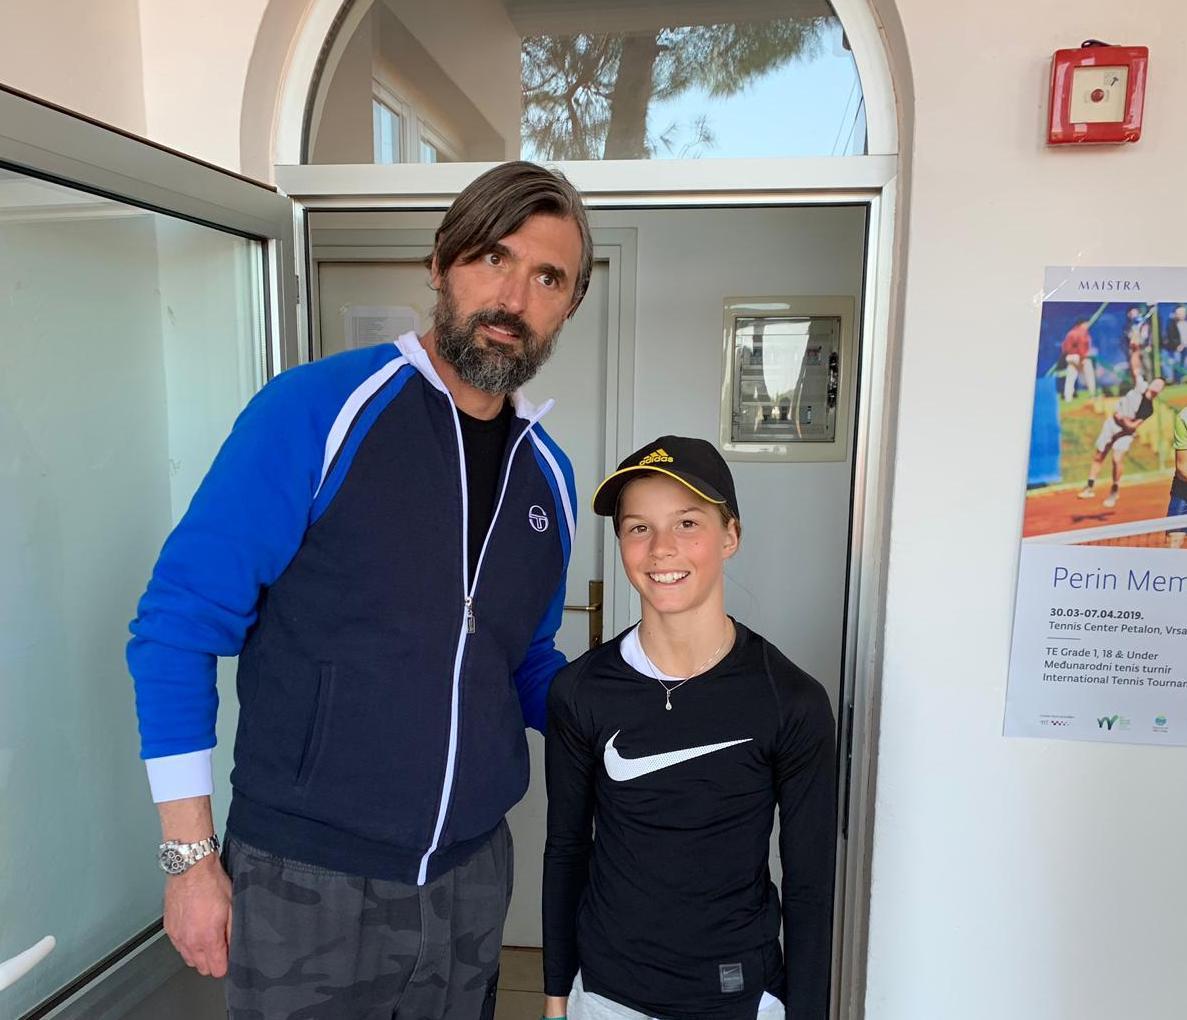 Tennis Europe Junior Tour – 35. Memorial Slavoj Greblo in Vrsar Croatia